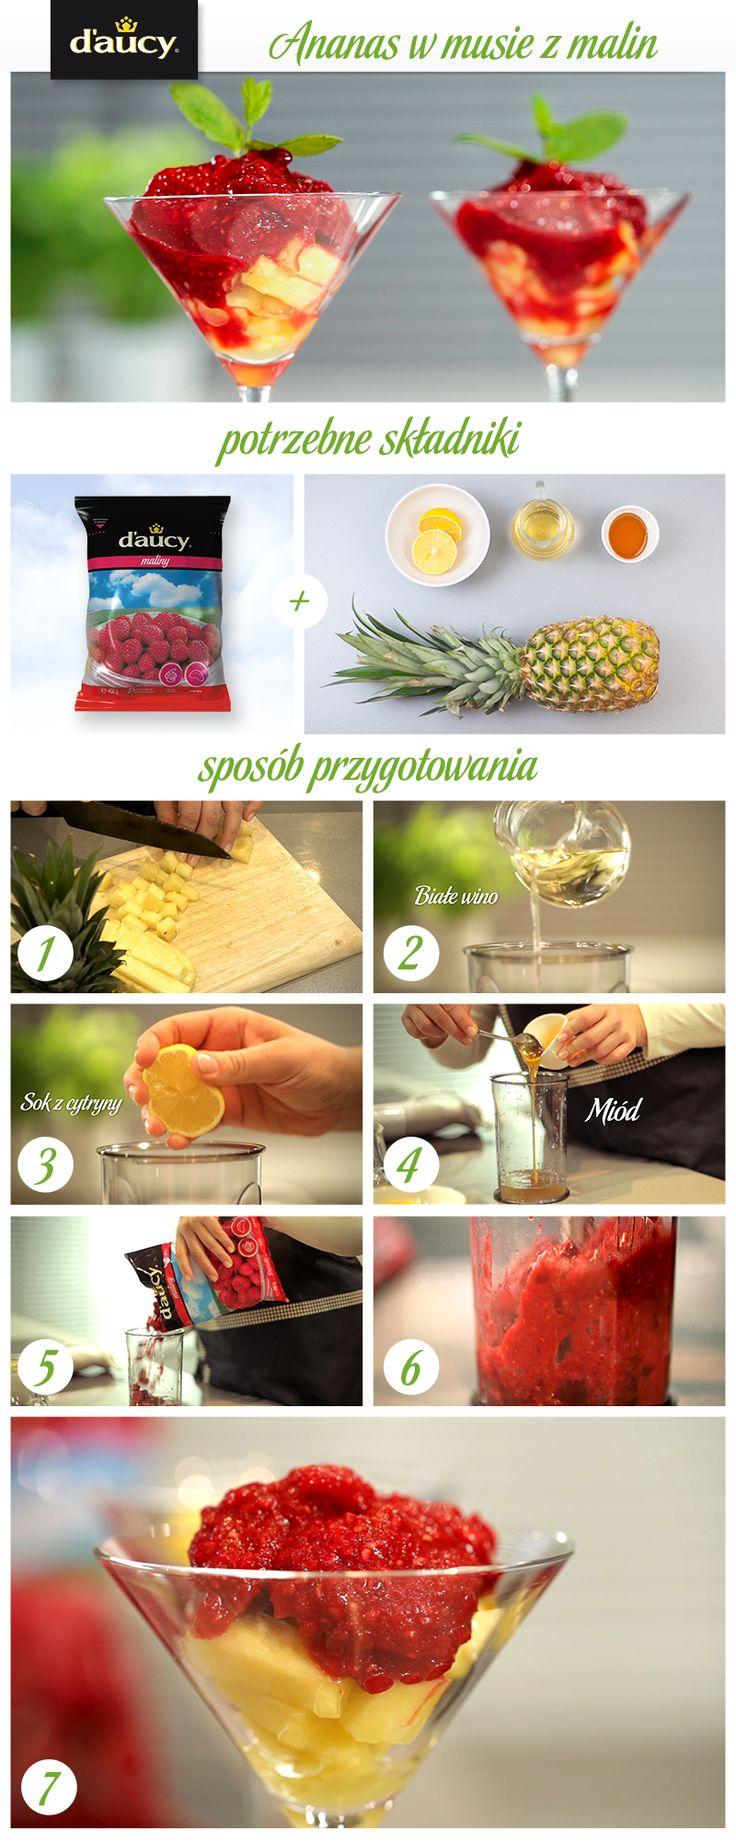 Ananas w musie z malin z dodatkiem białego wina.  http://www.daucyinspiruje.pl/przepis/ananas-w-musie-z-malin/